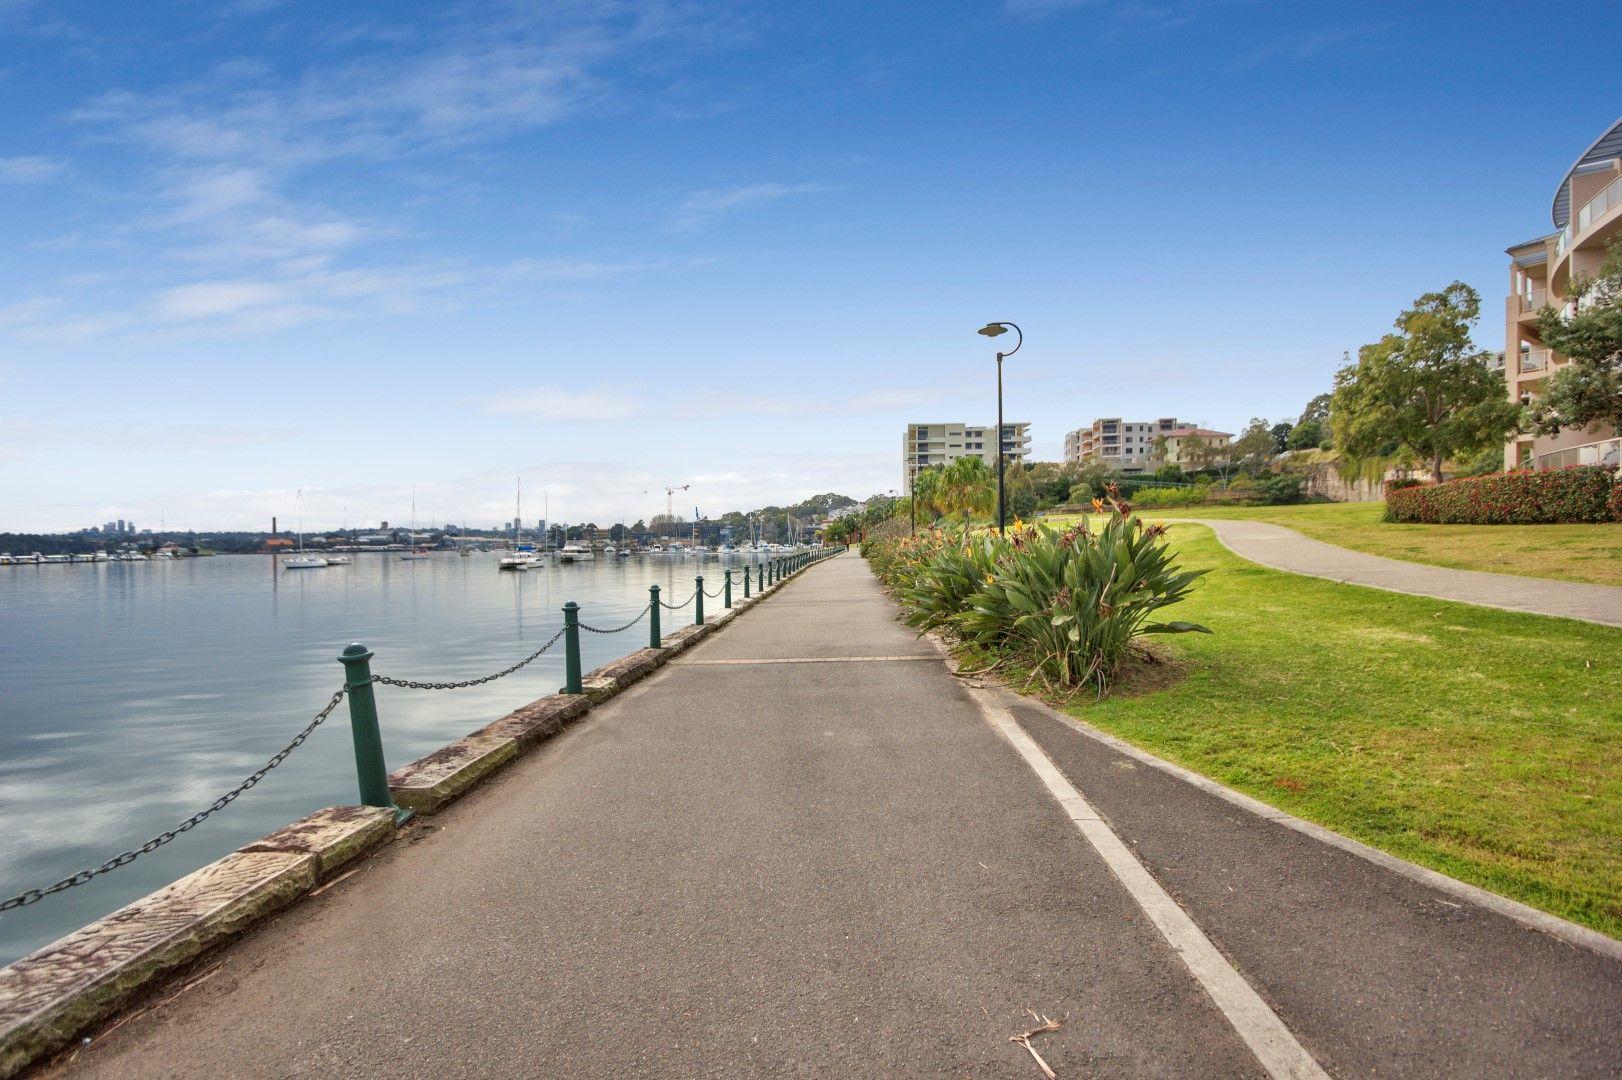 108/28 Warayama Place, Rozelle NSW 2039, Image 0